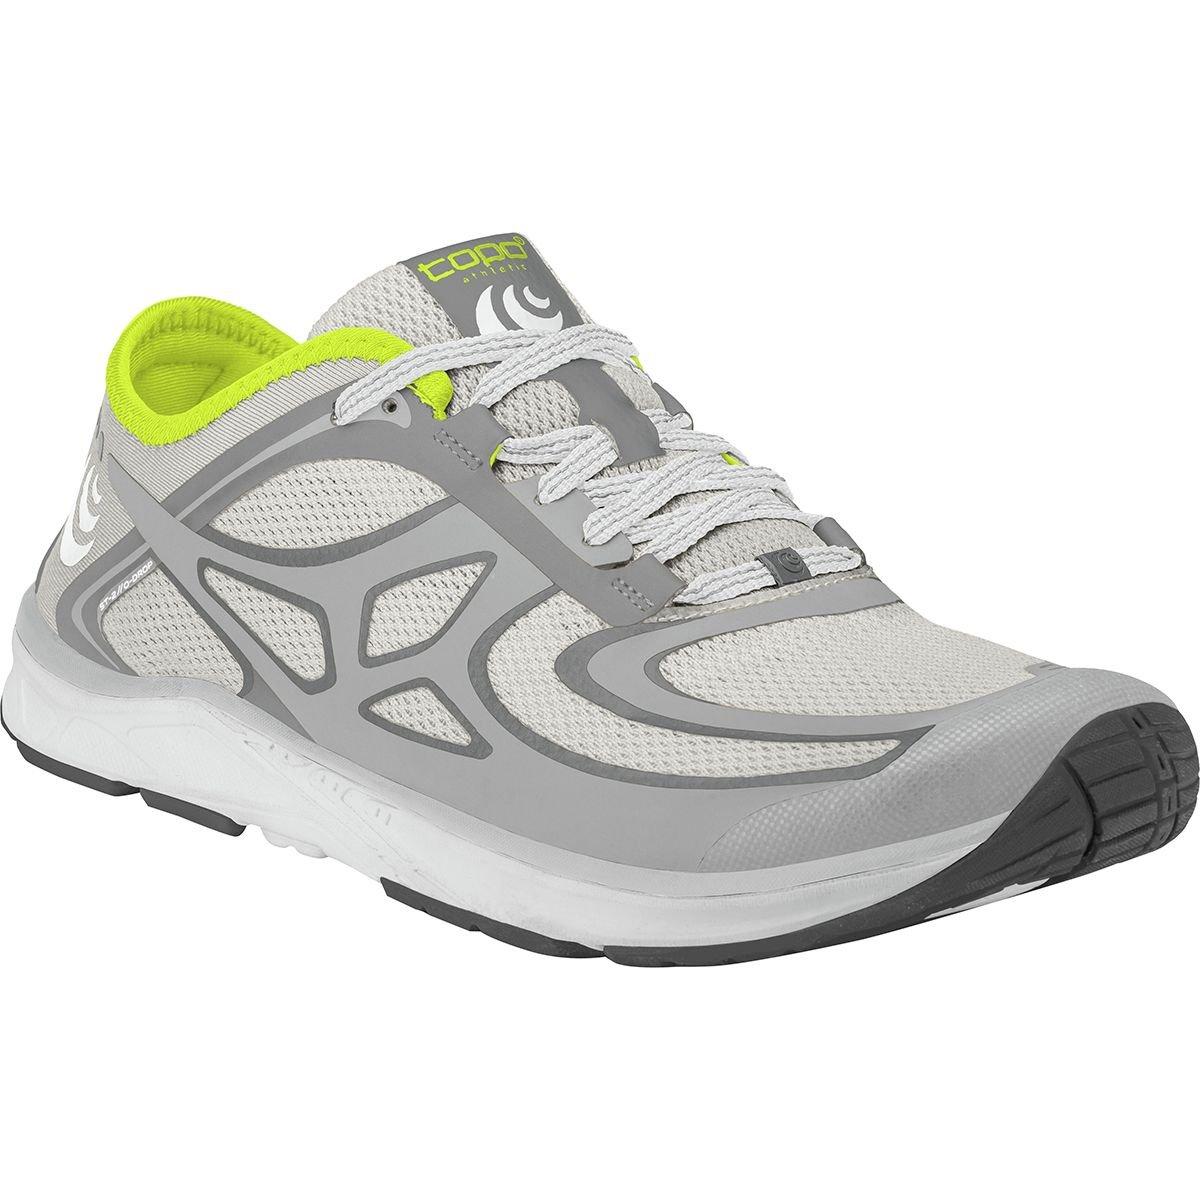 Topo Athletic Women's ST-2 Running Shoe B071F43XQ9 8 B(M) US|Grey/Green